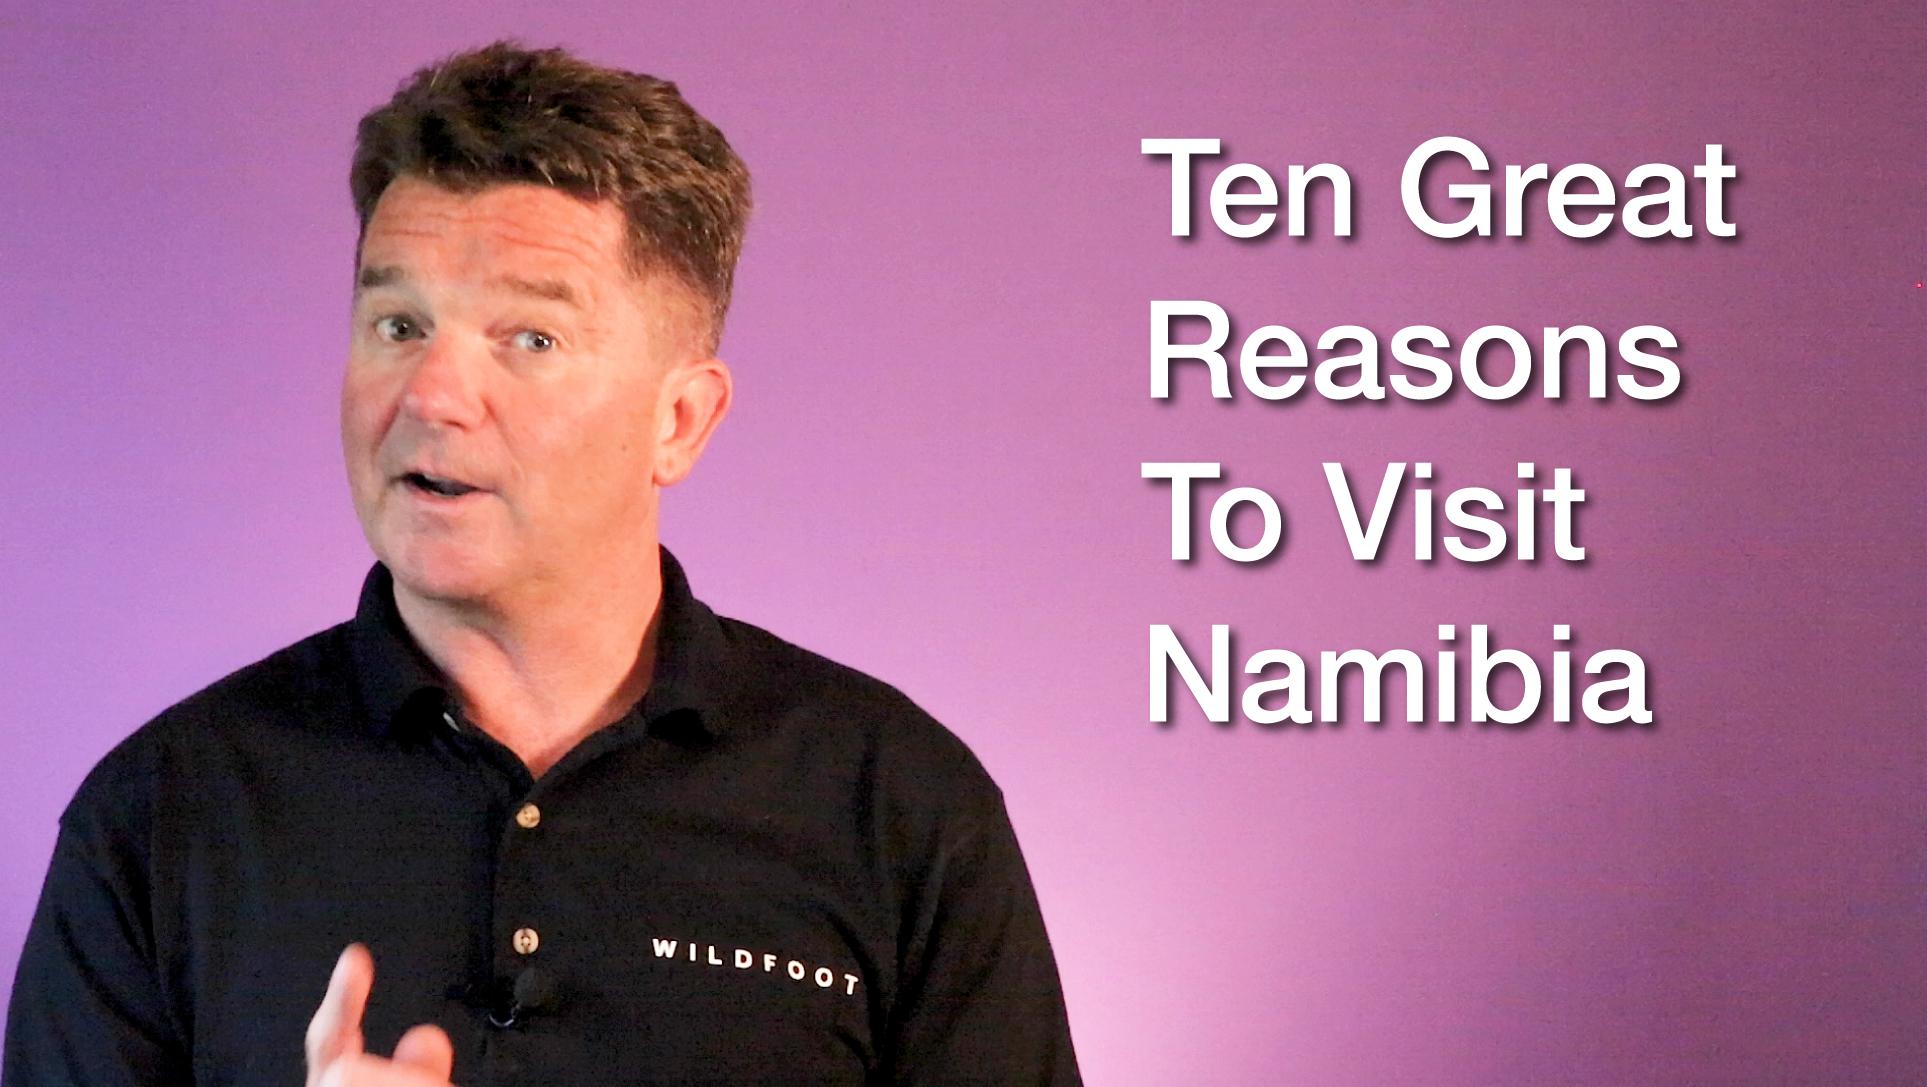 Ten great Reasons To Visit Namibia